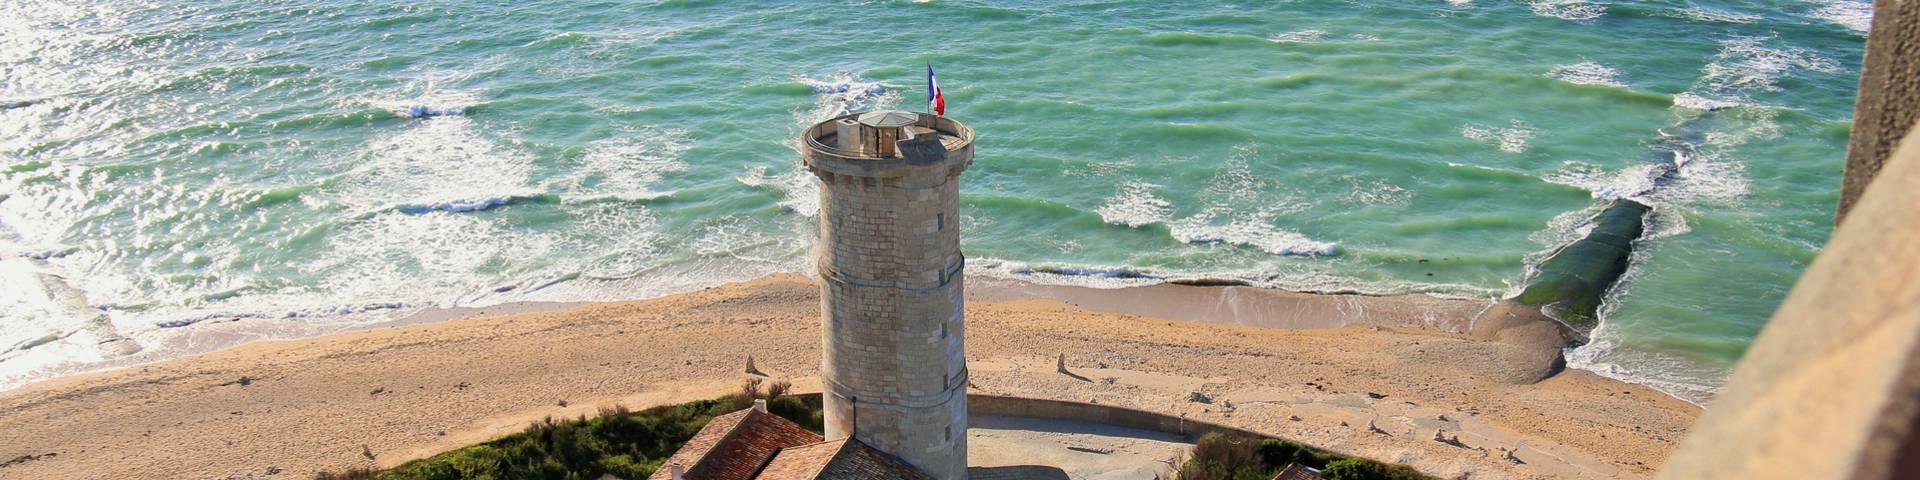 The lighthouse Saint-Clément-des-Baleines